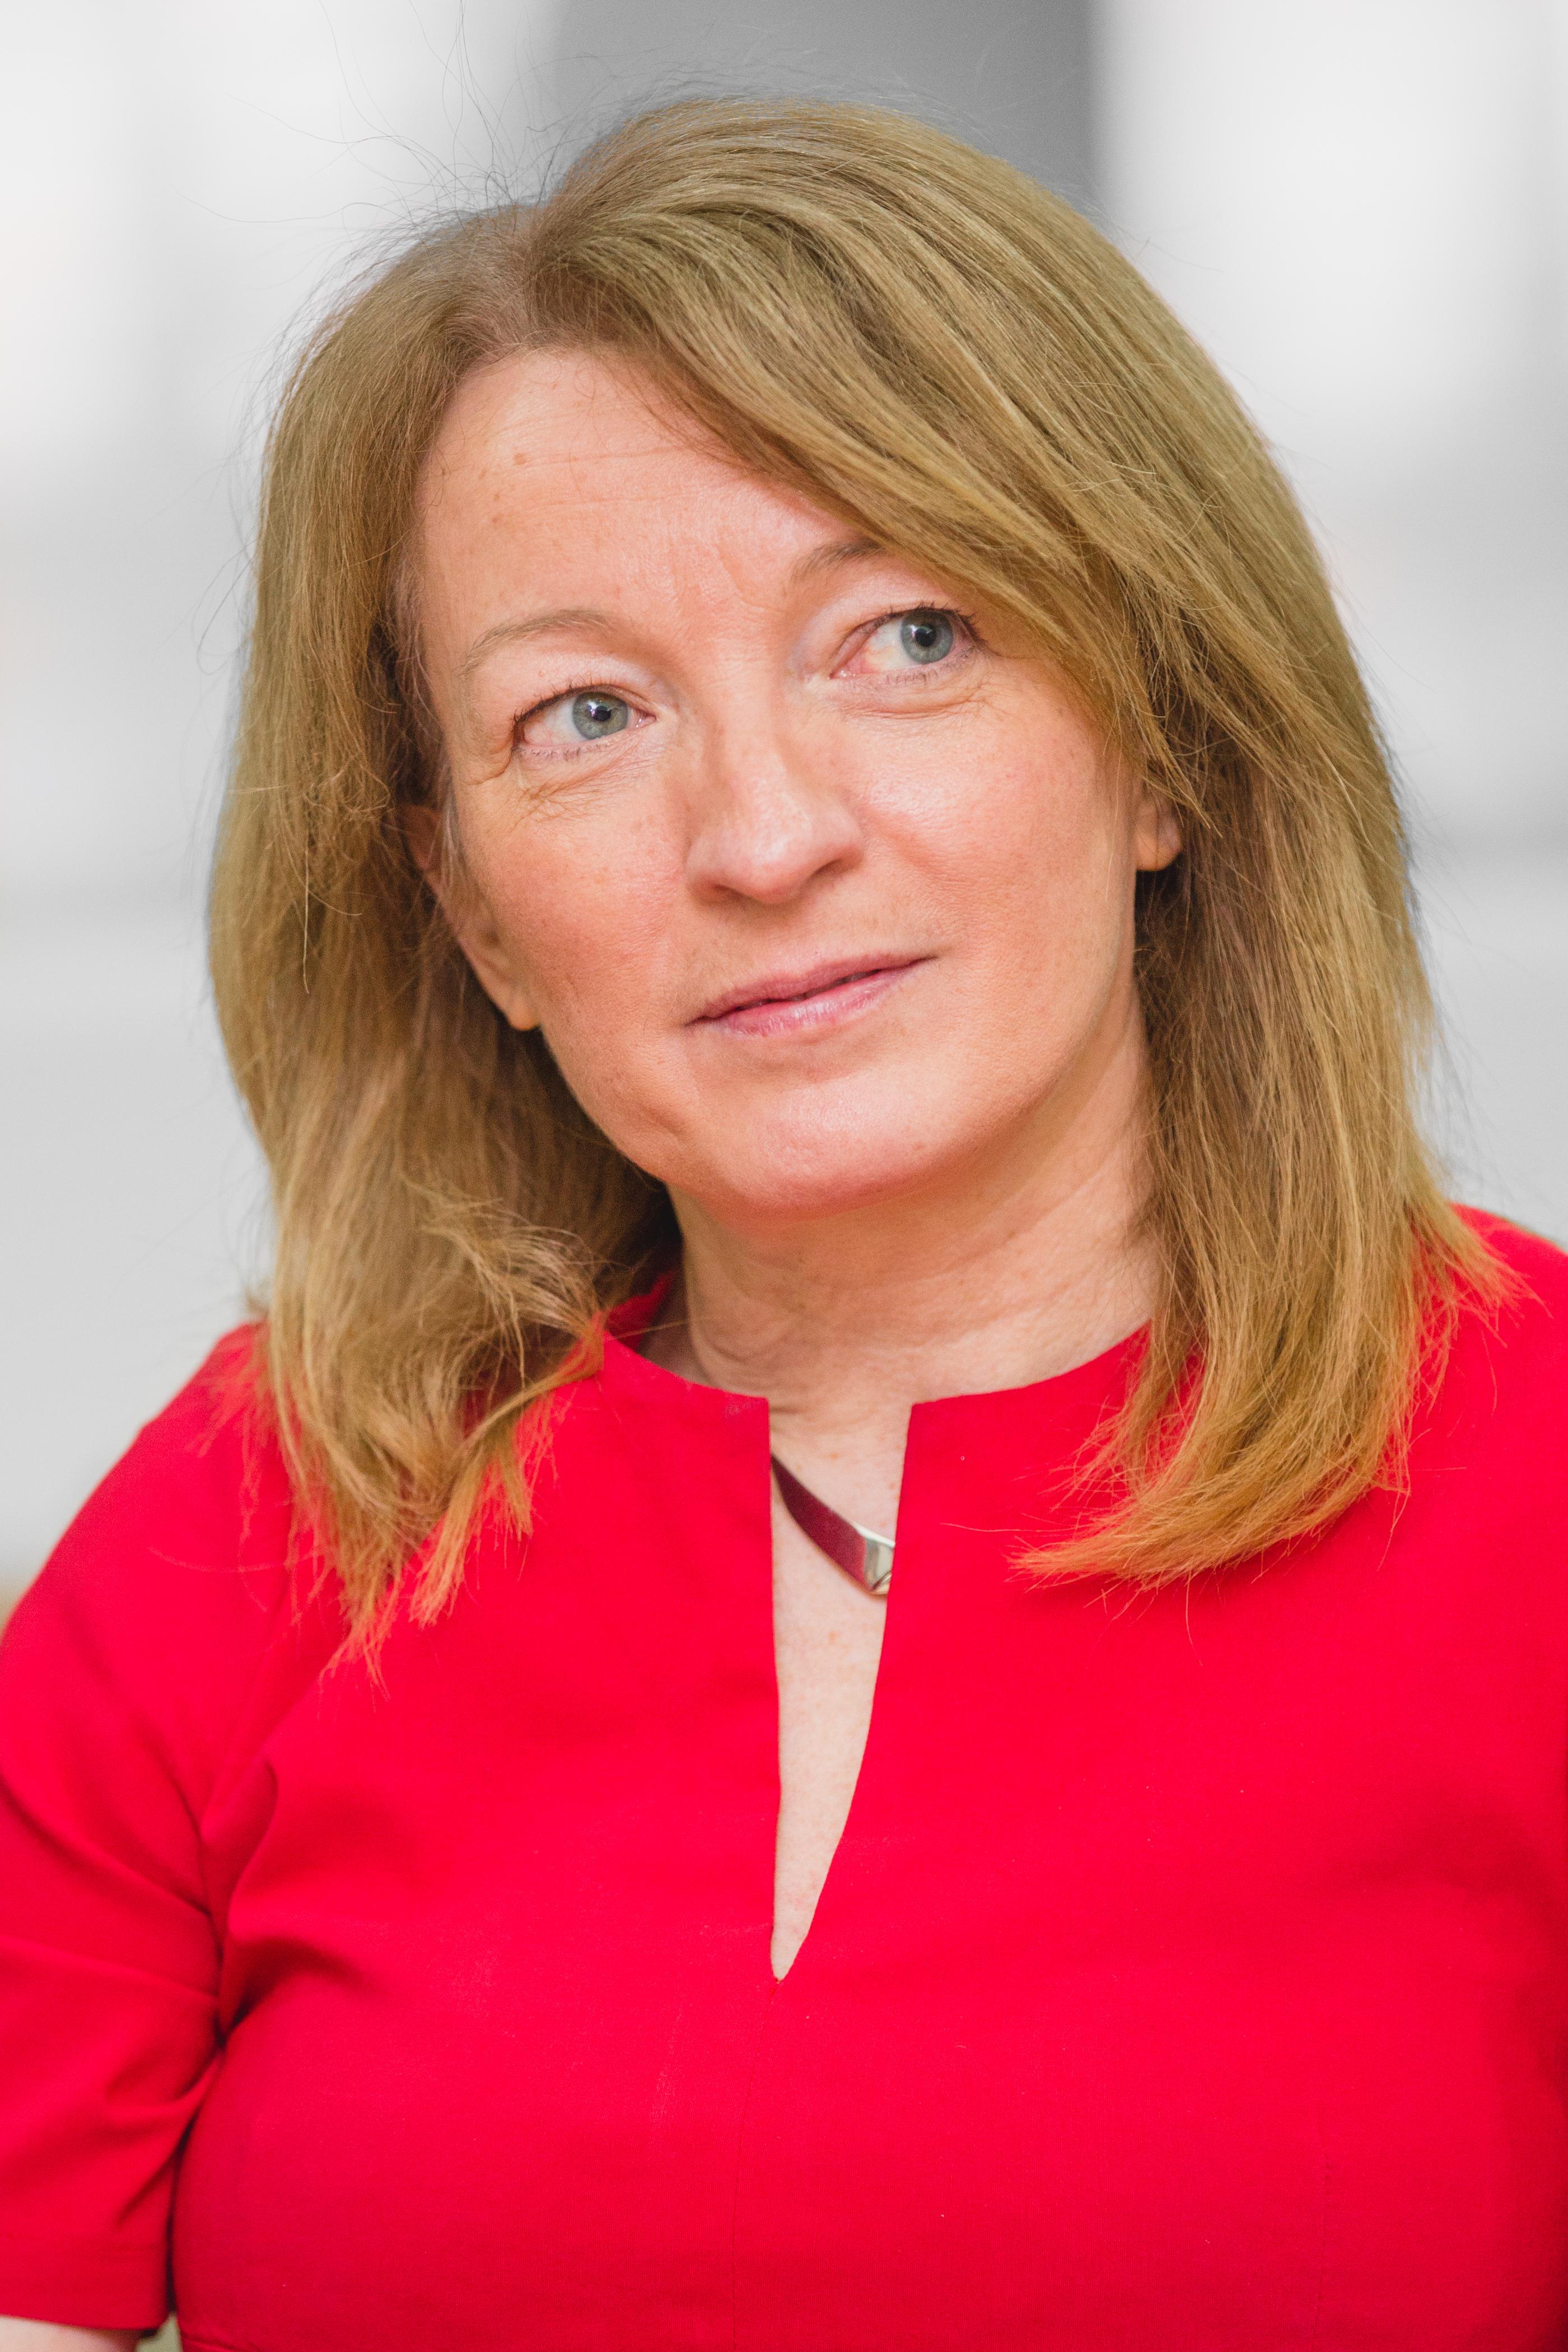 Paula Dumbill